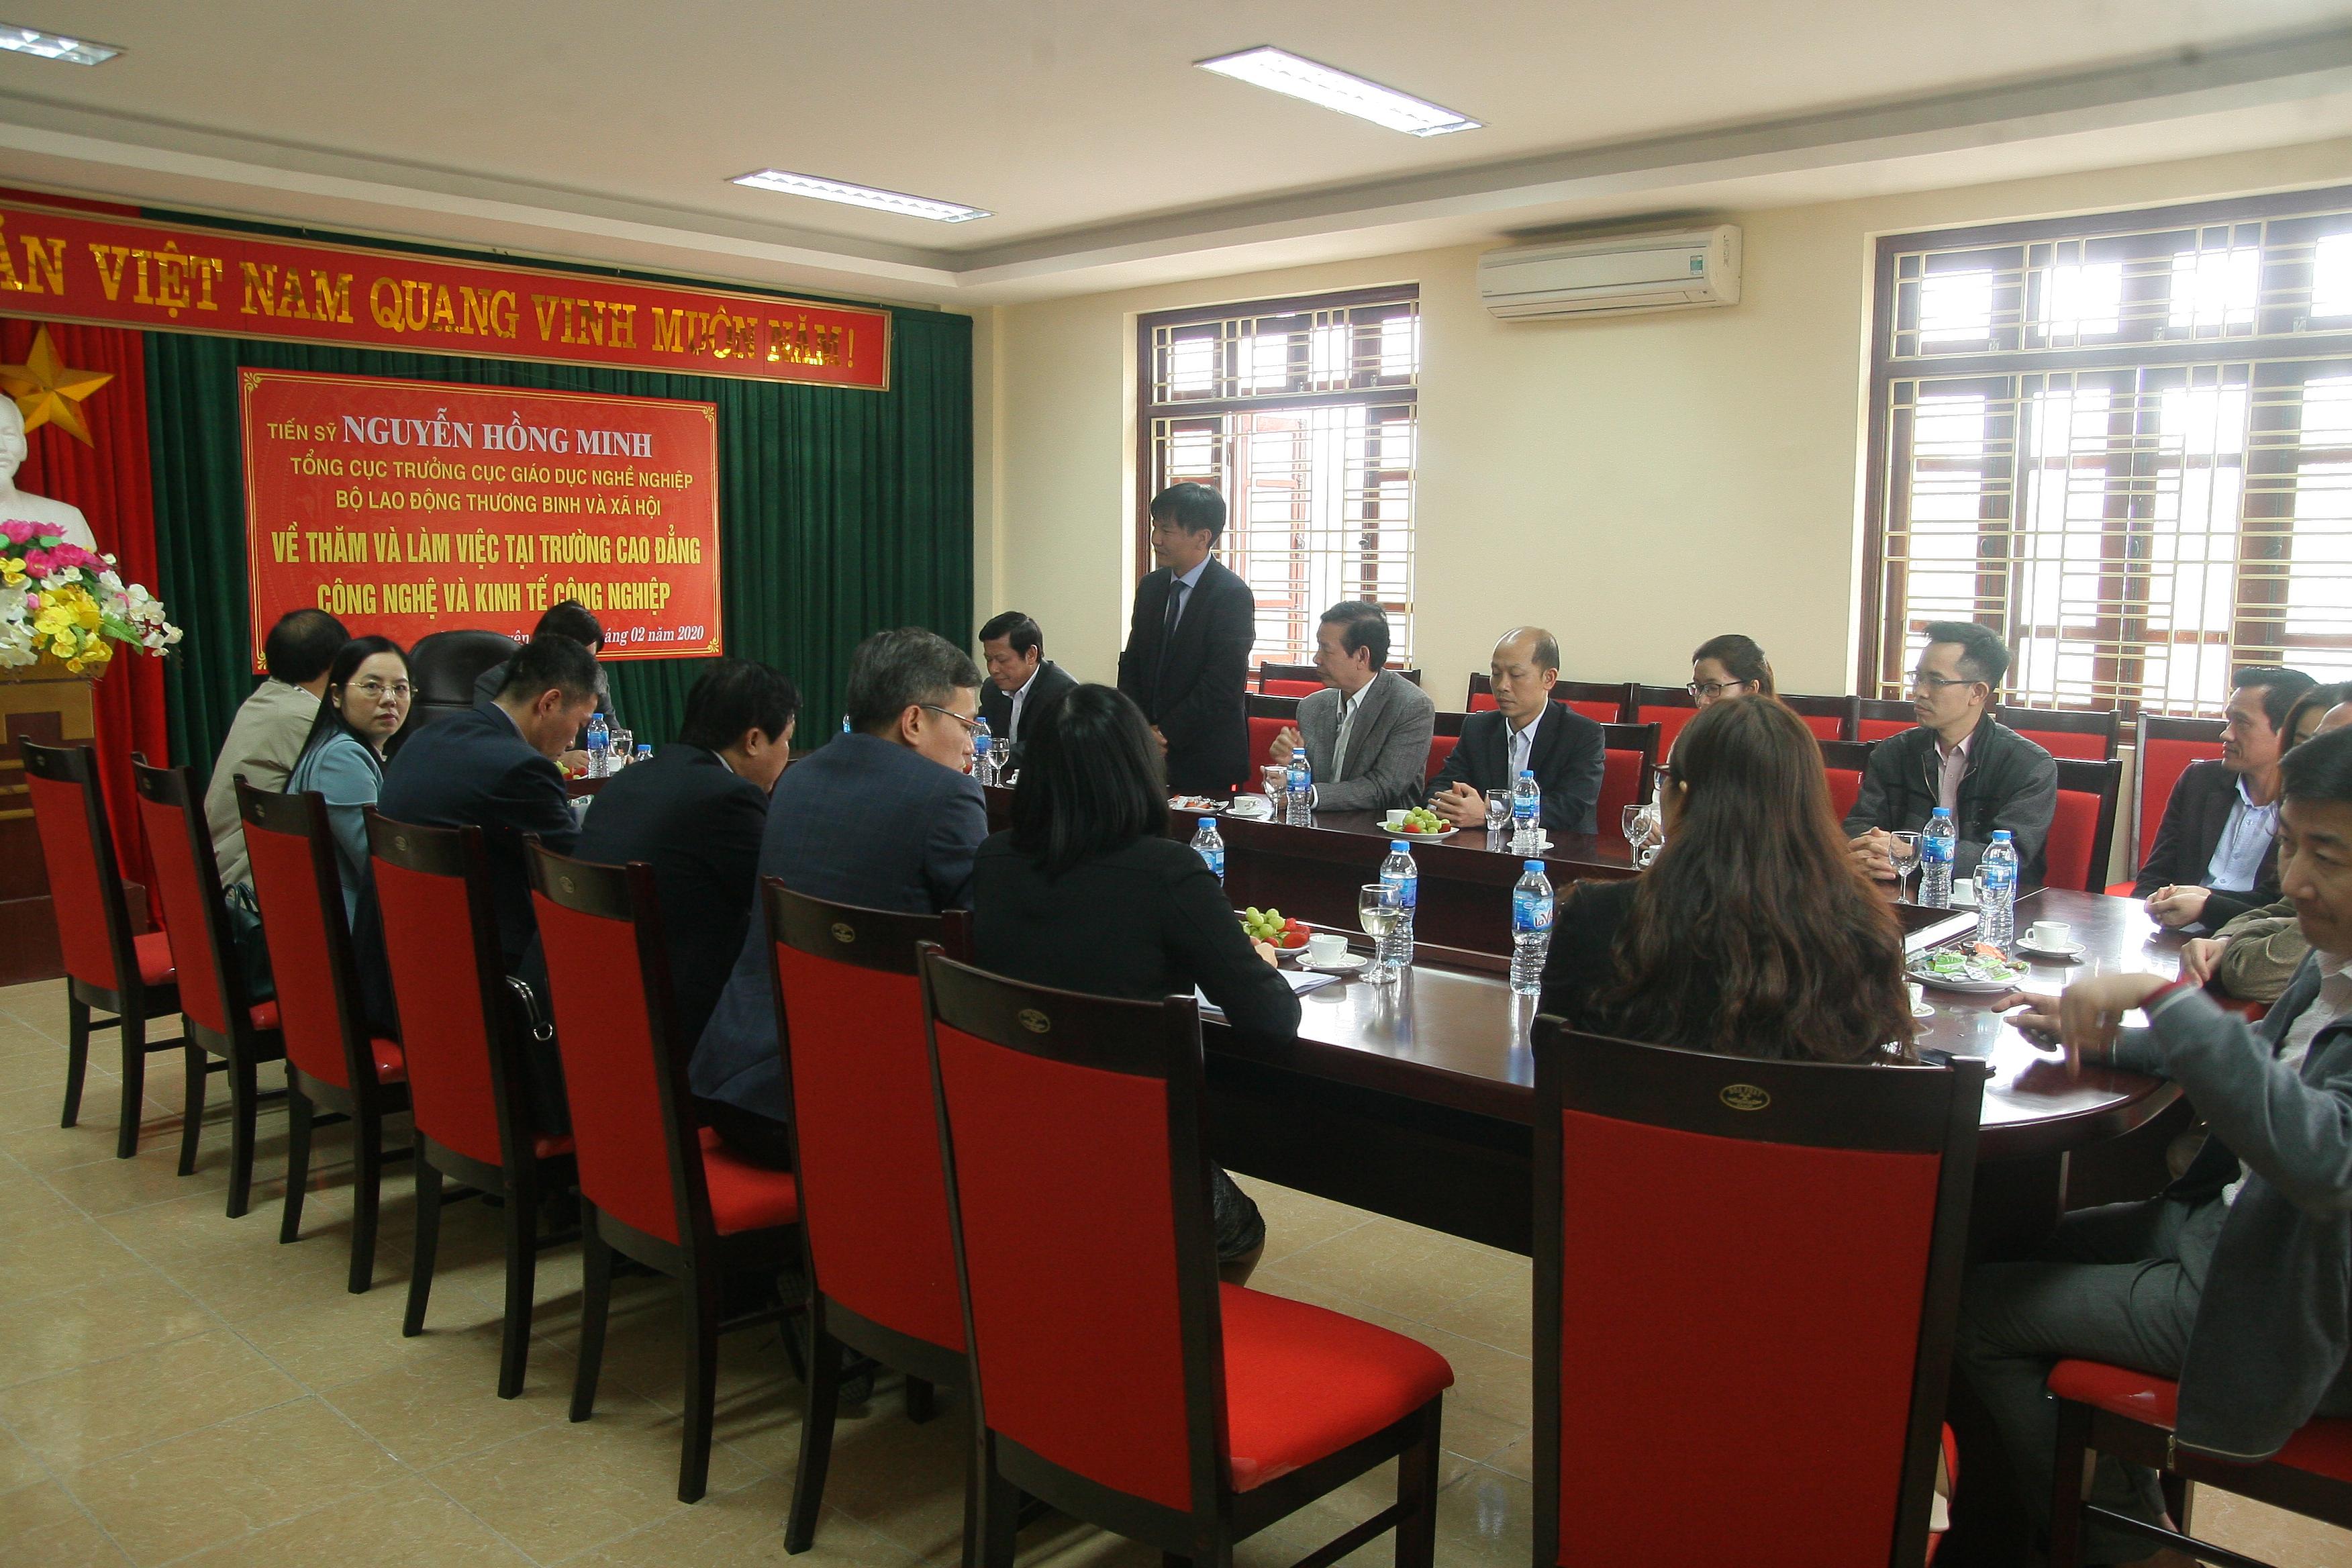 Hiệu trưởng nhà trường Cao đẳng Công nghệ và Kinh tế Công nghiệp Khuất Quang Tuấn phát biểu